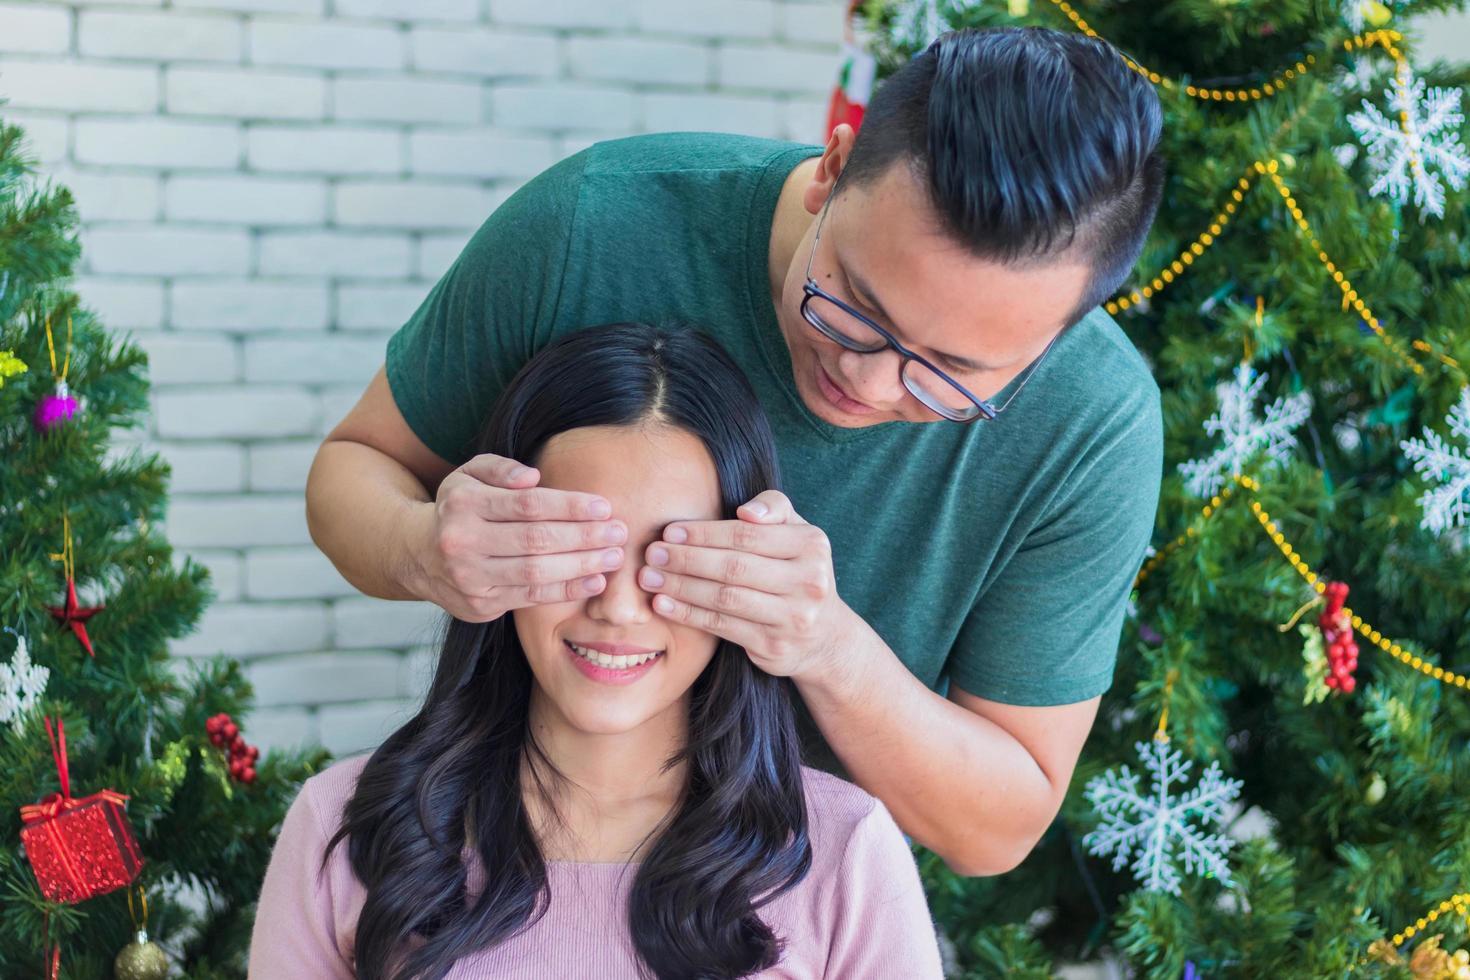 man verrassende vrouw met kerstbomen op de achtergrond foto